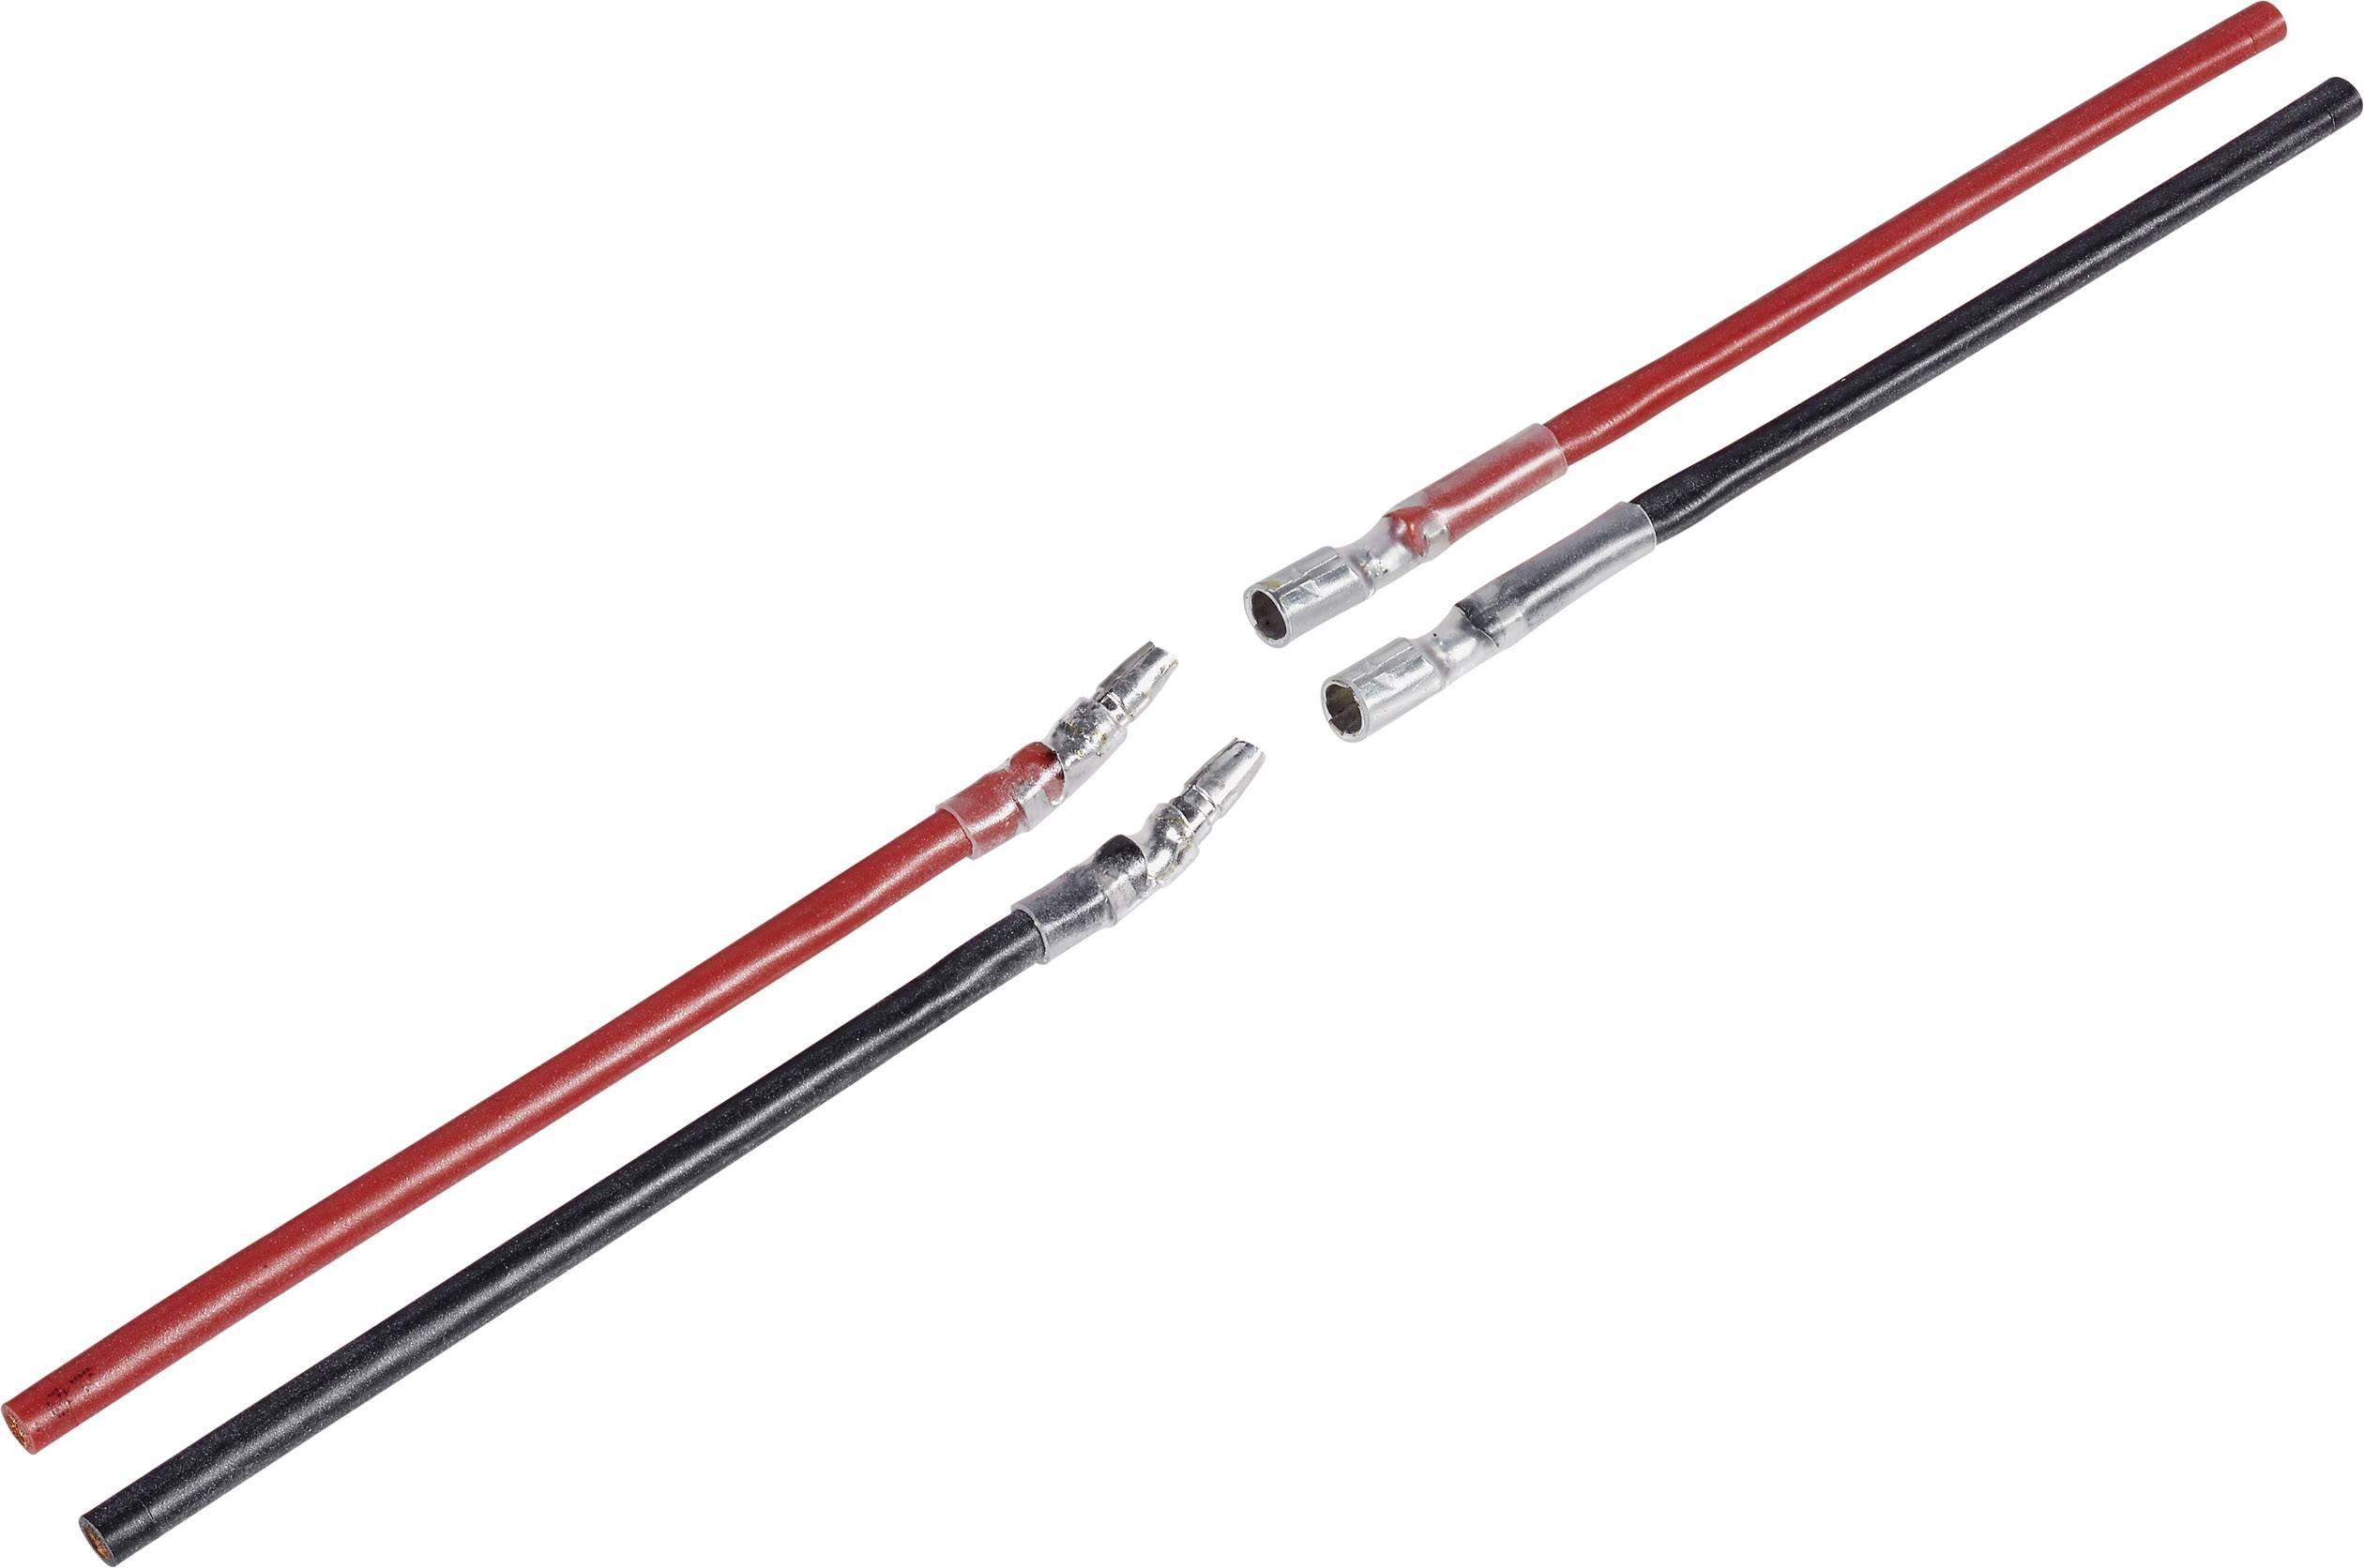 Kabel s koncovkou motoru Modelcraft, 1 pár, 4,5 mm, zástrčky a konektory